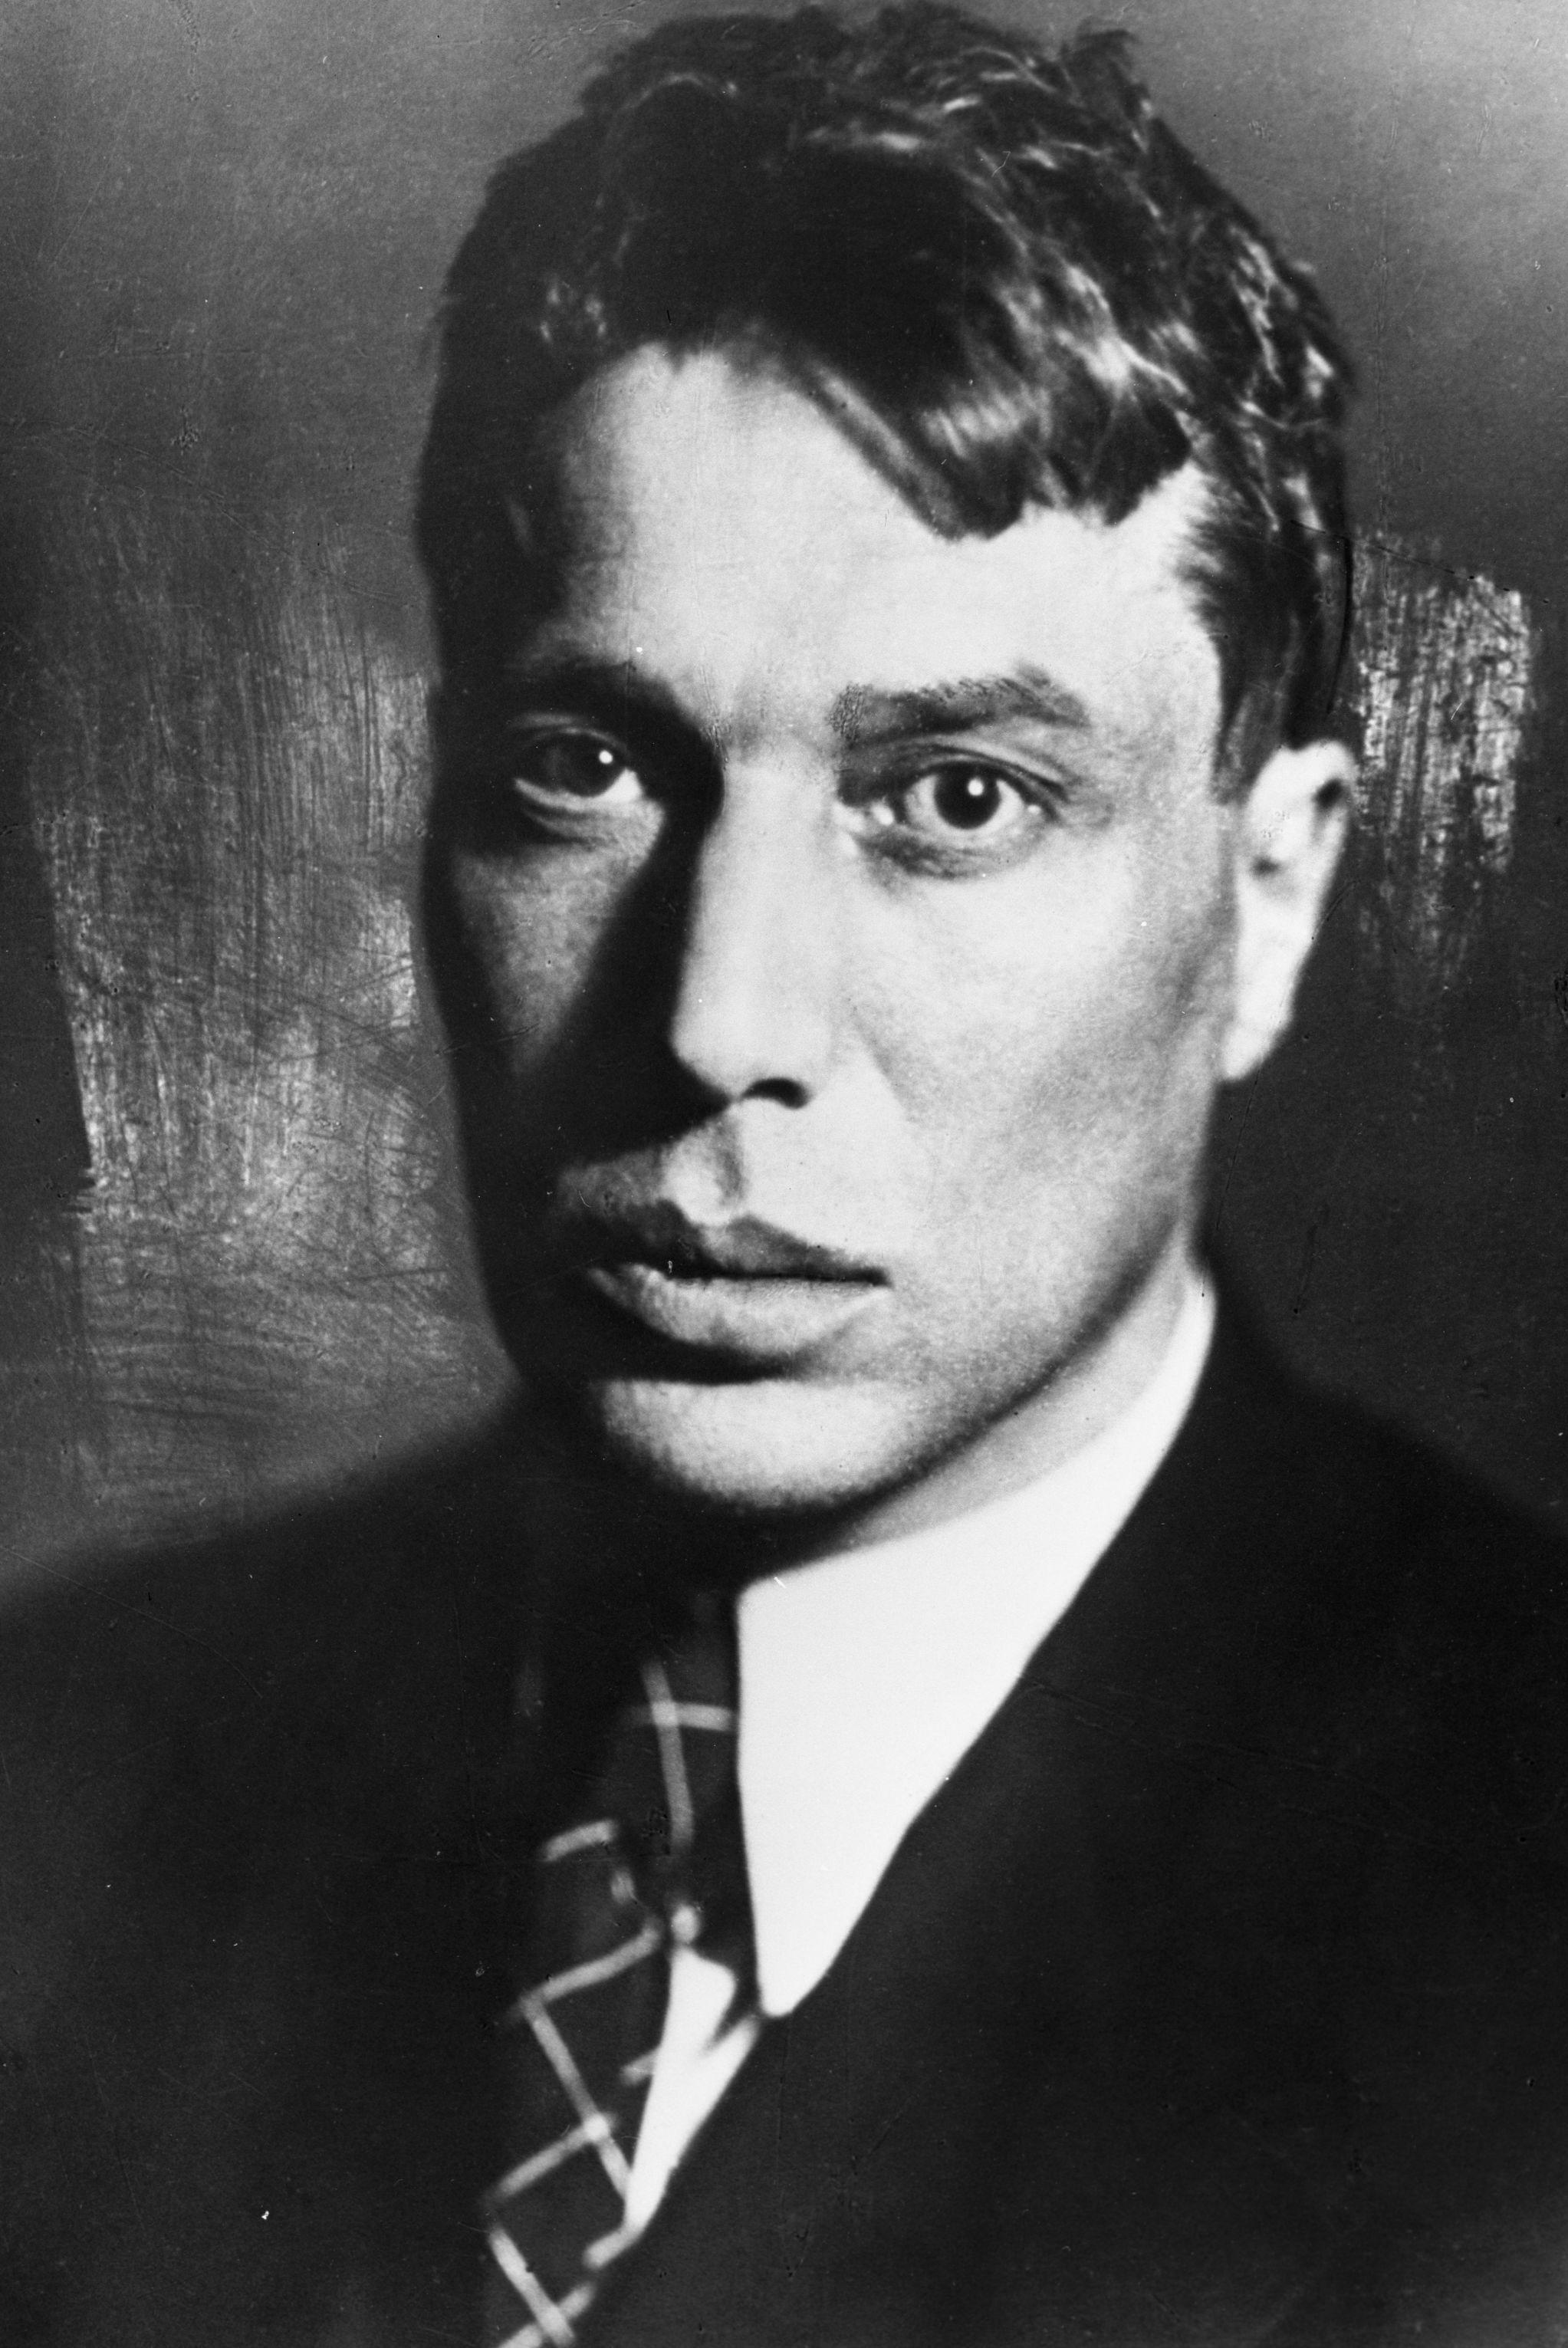 10 февраля — день рождения выдающегося поэта Бориса Леонидовича ПАСТЕРНАКА (1890-1960)